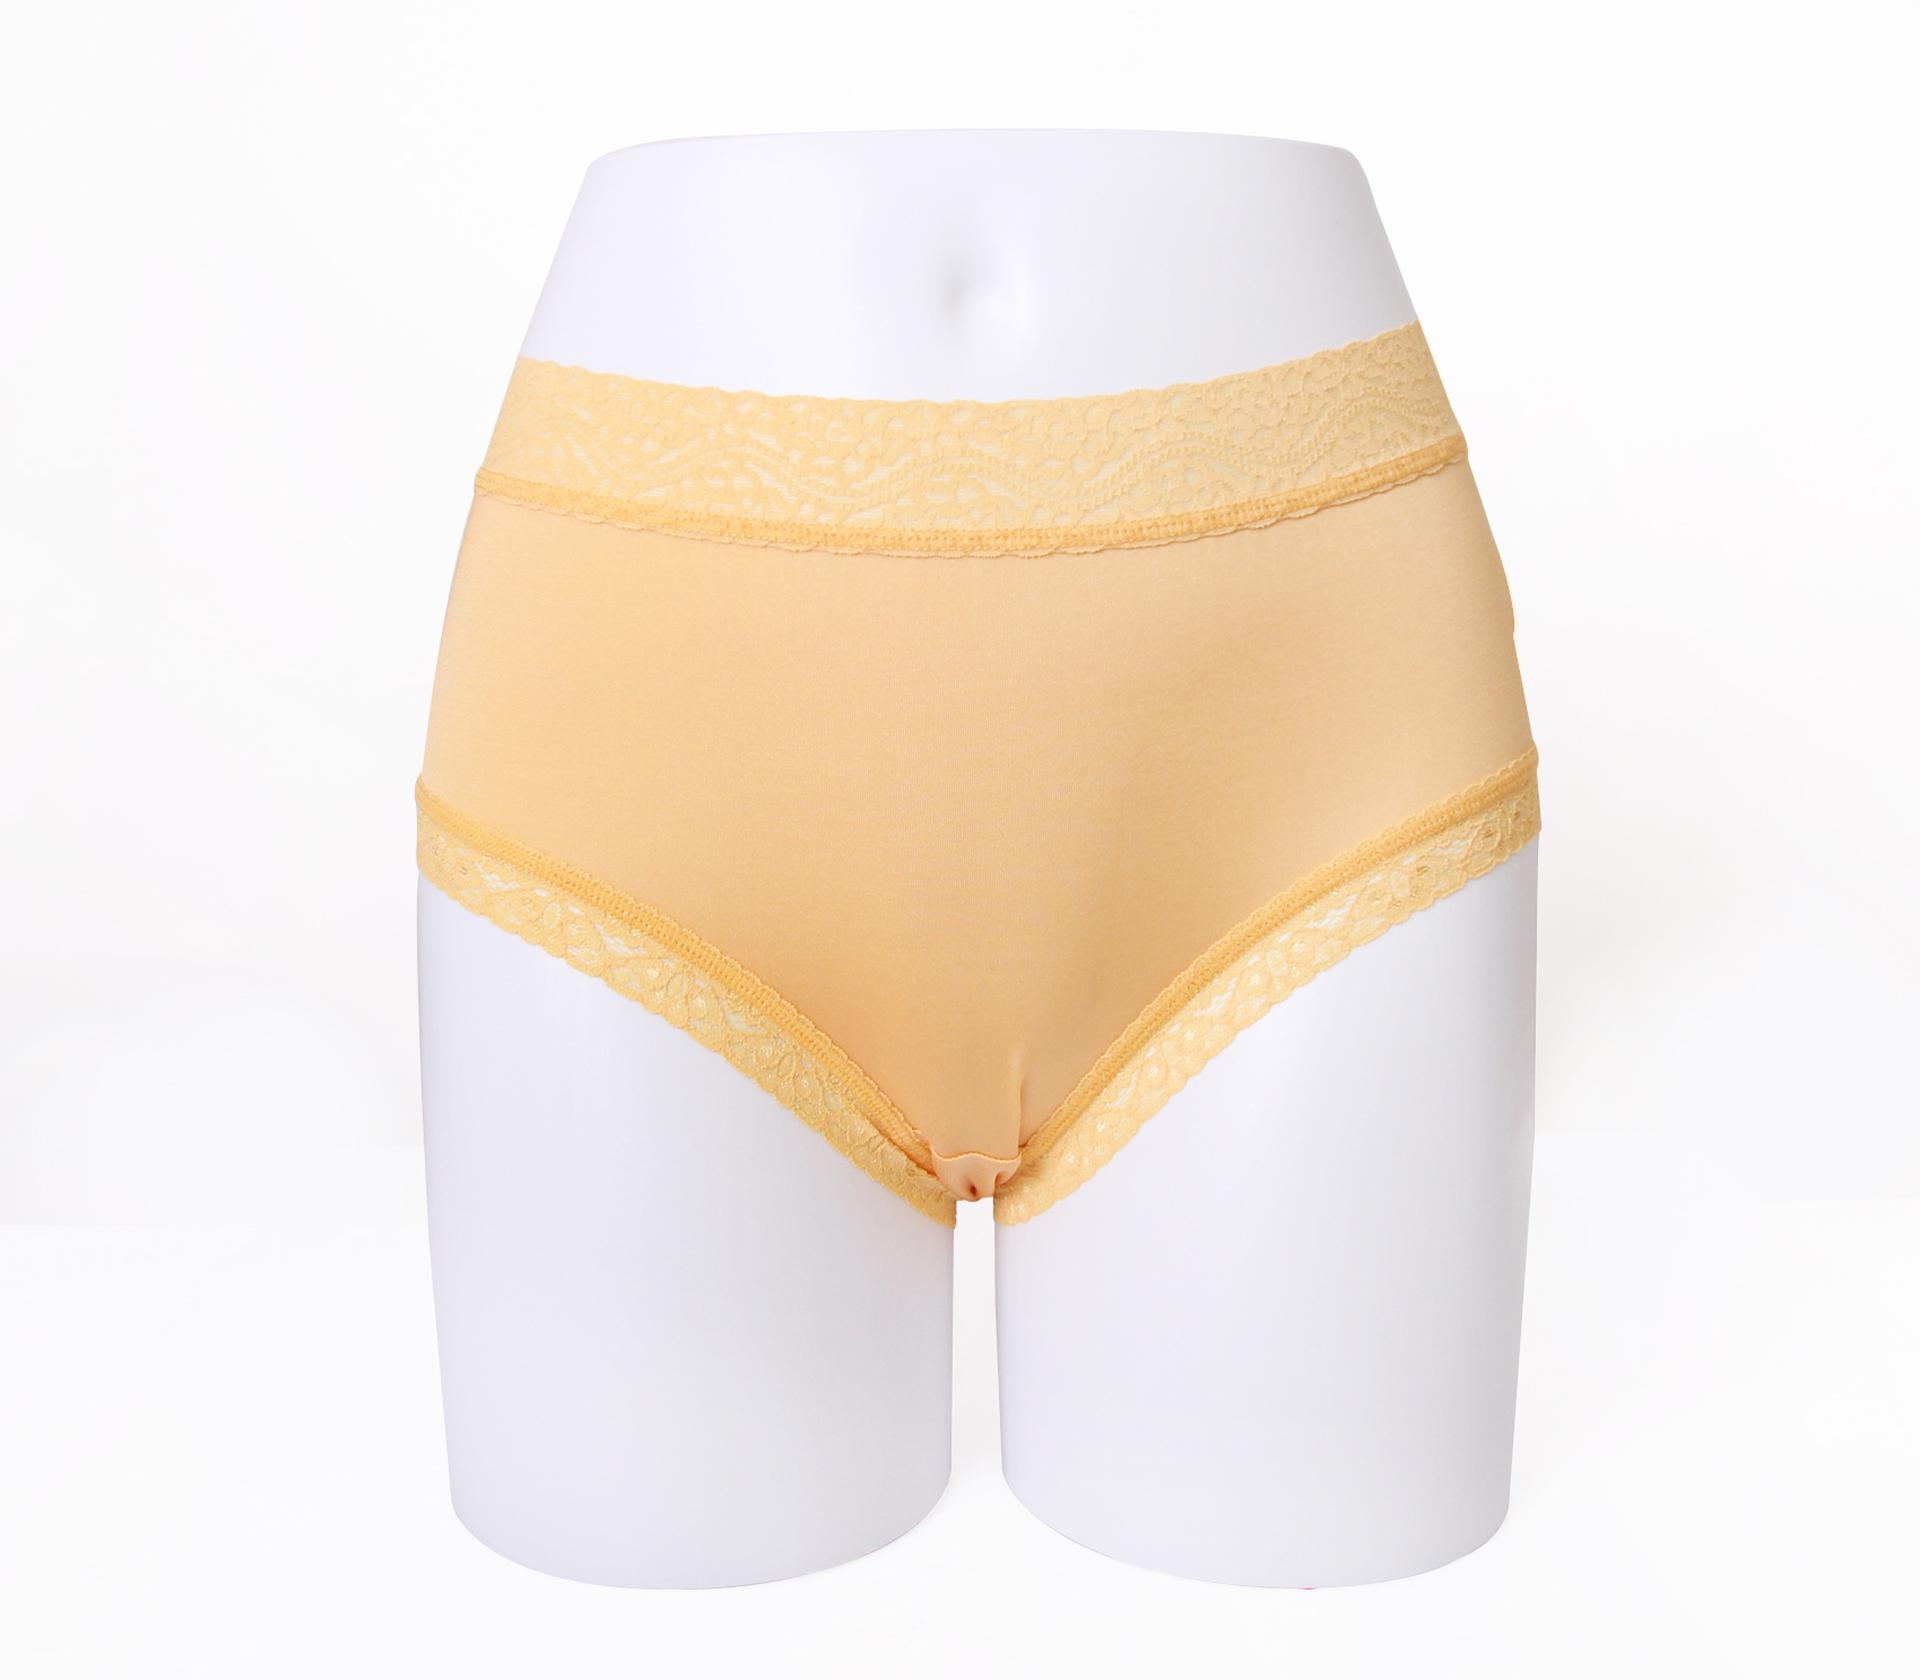 闕蘭絹舒適親膚100%蠶絲內褲-88905(黃)